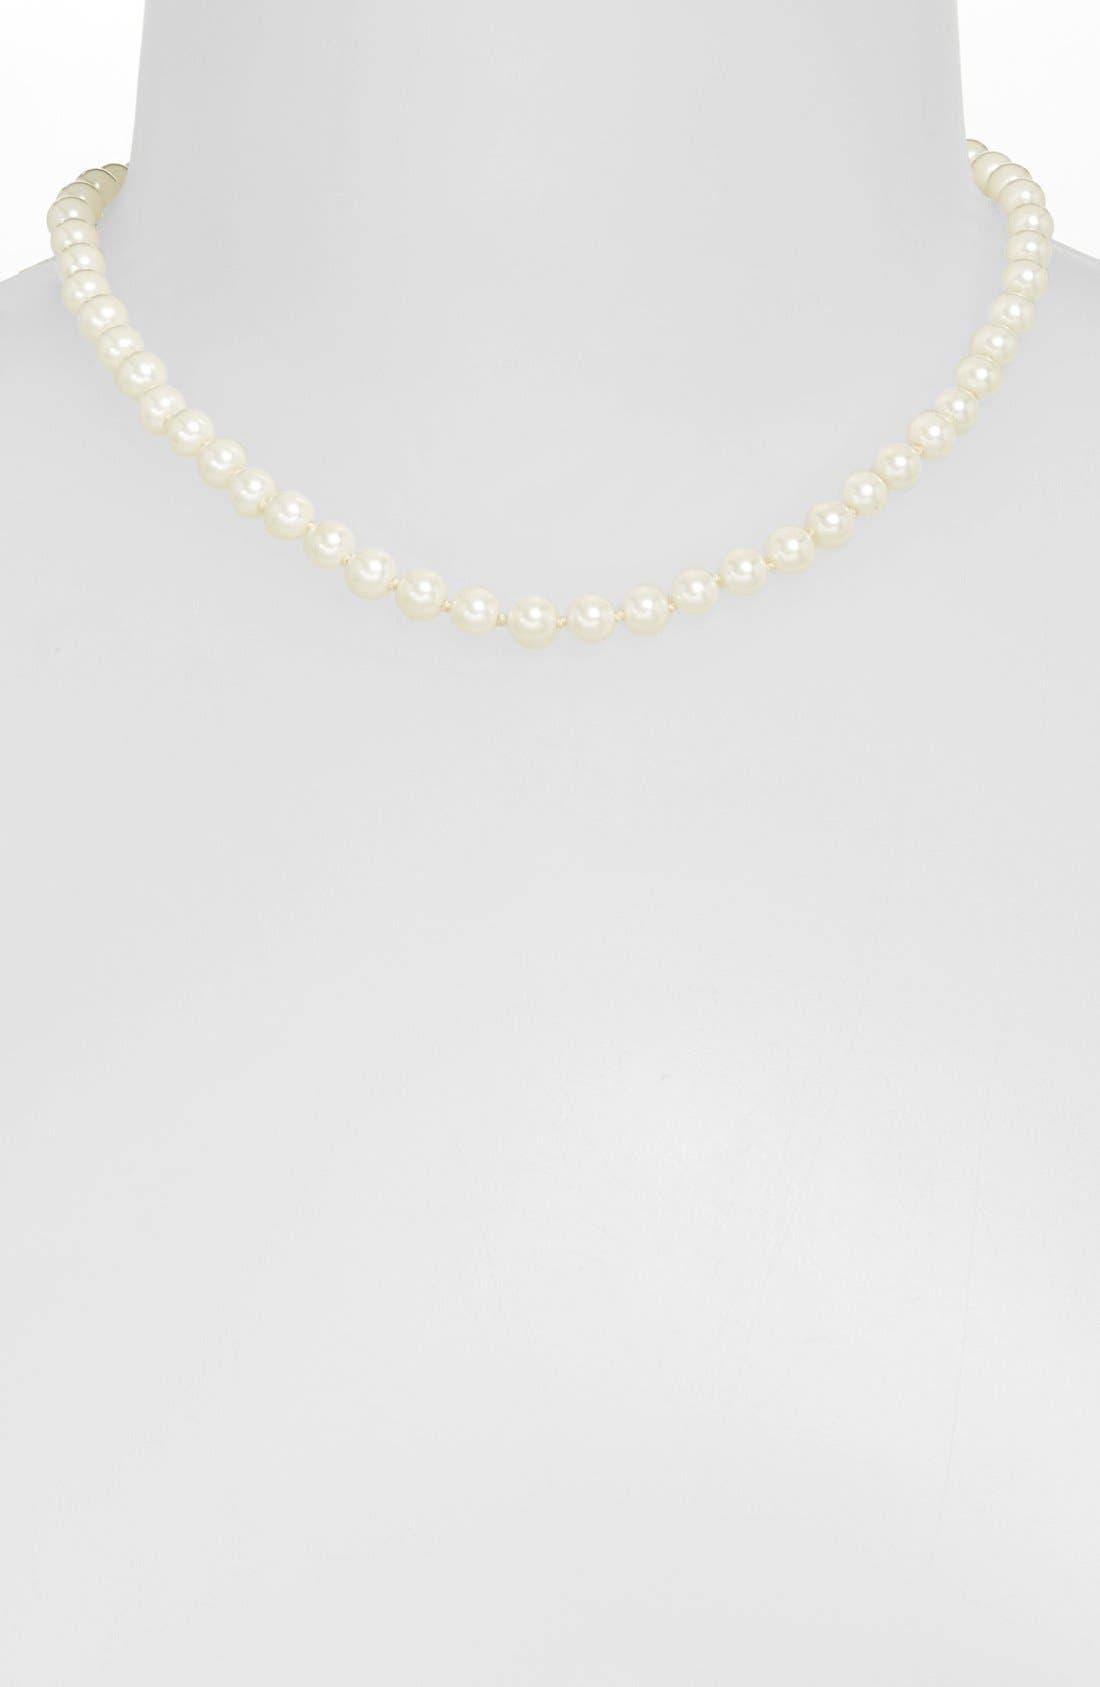 Alternate Image 1 Selected - Lauren Ralph Lauren Glass Pearl Necklace